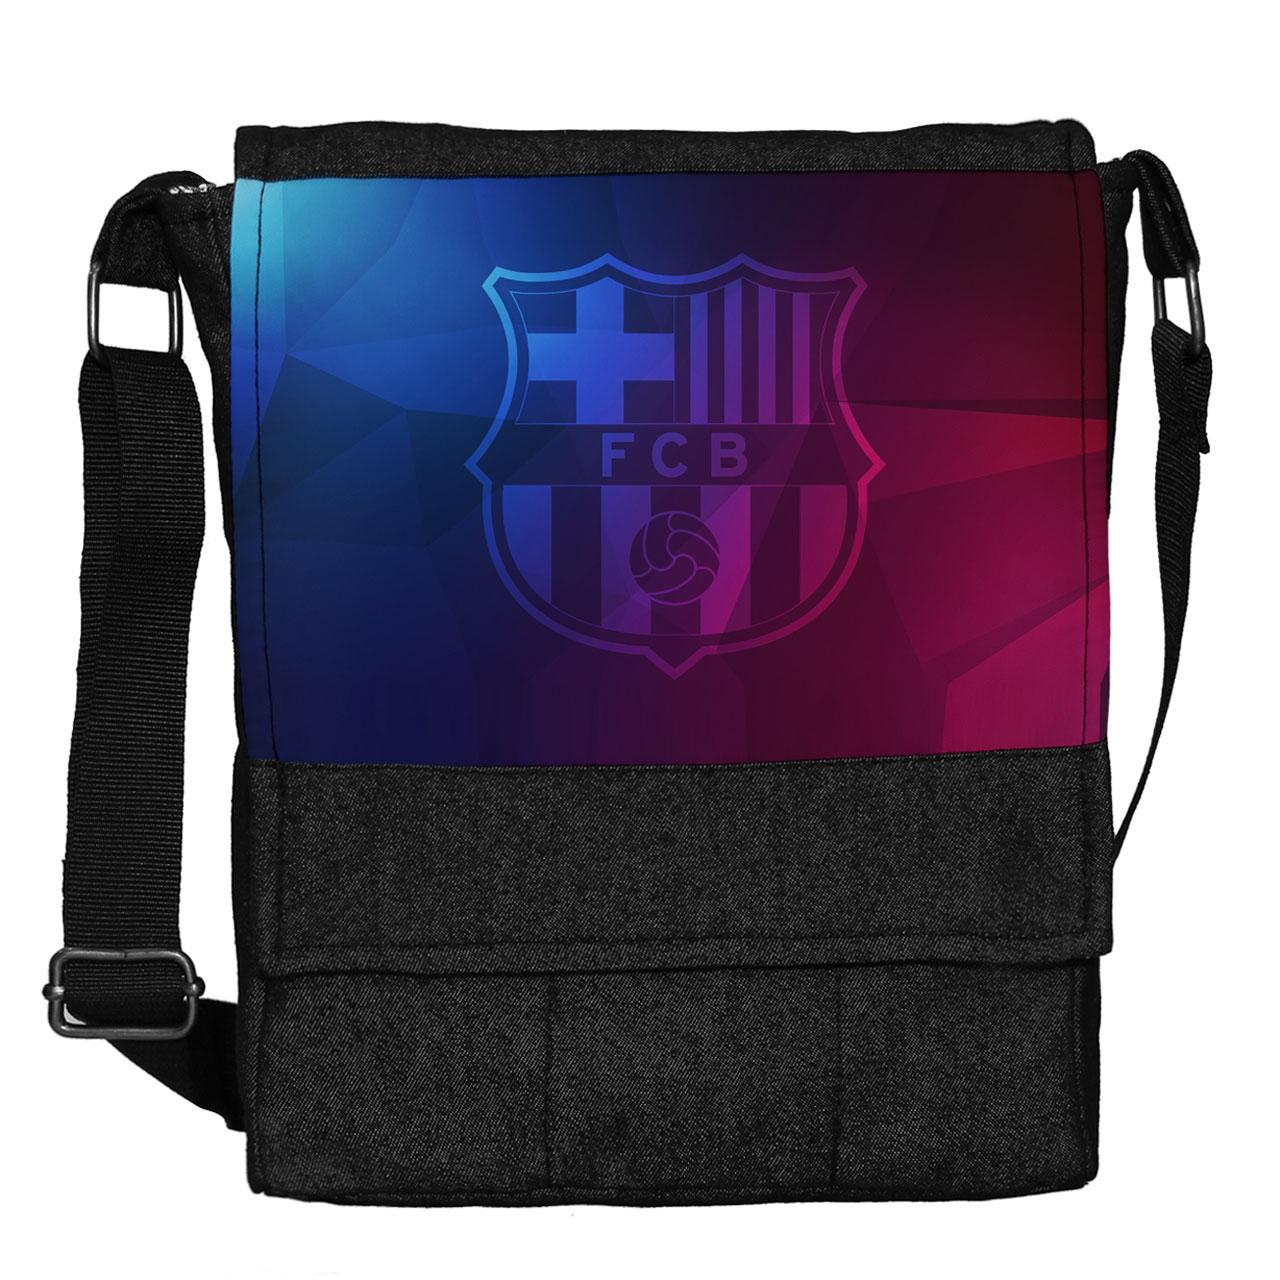 کیف دوشی چی چاپ طرح بارسلونا کد 65633